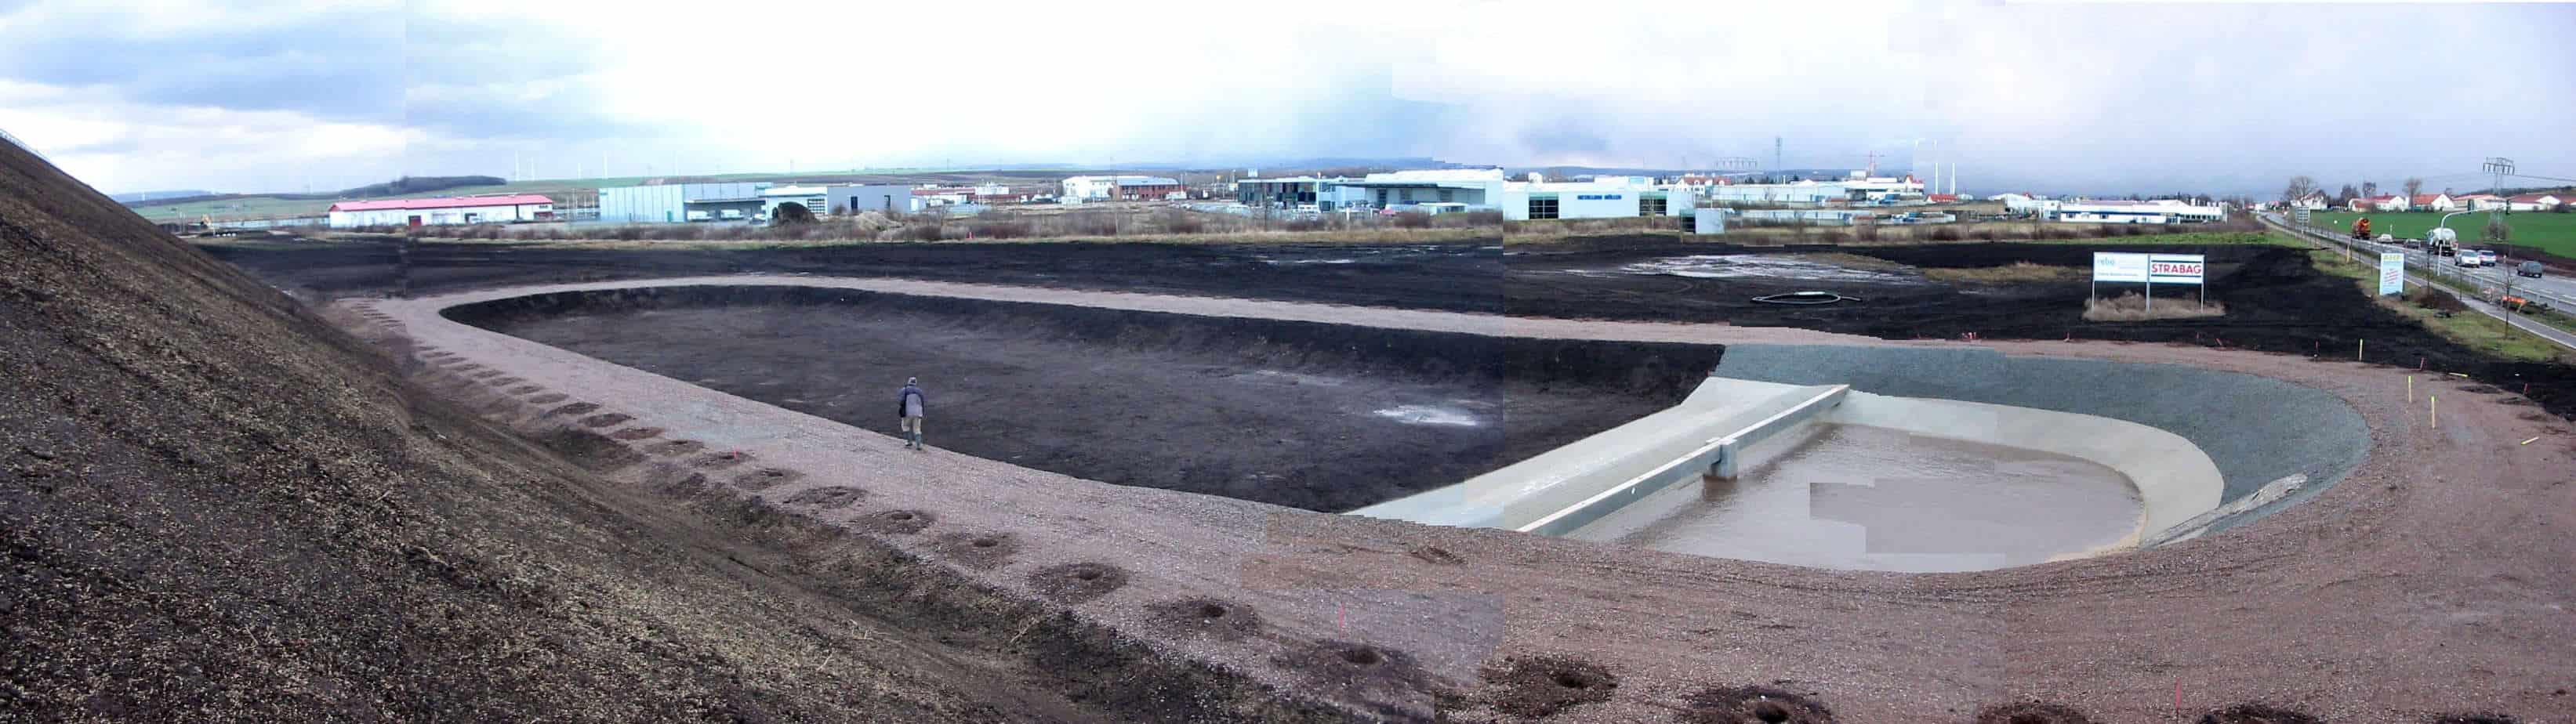 A Lipsia, la nuova autostrada in costruzione: la vasca di prima pioggia inerbita